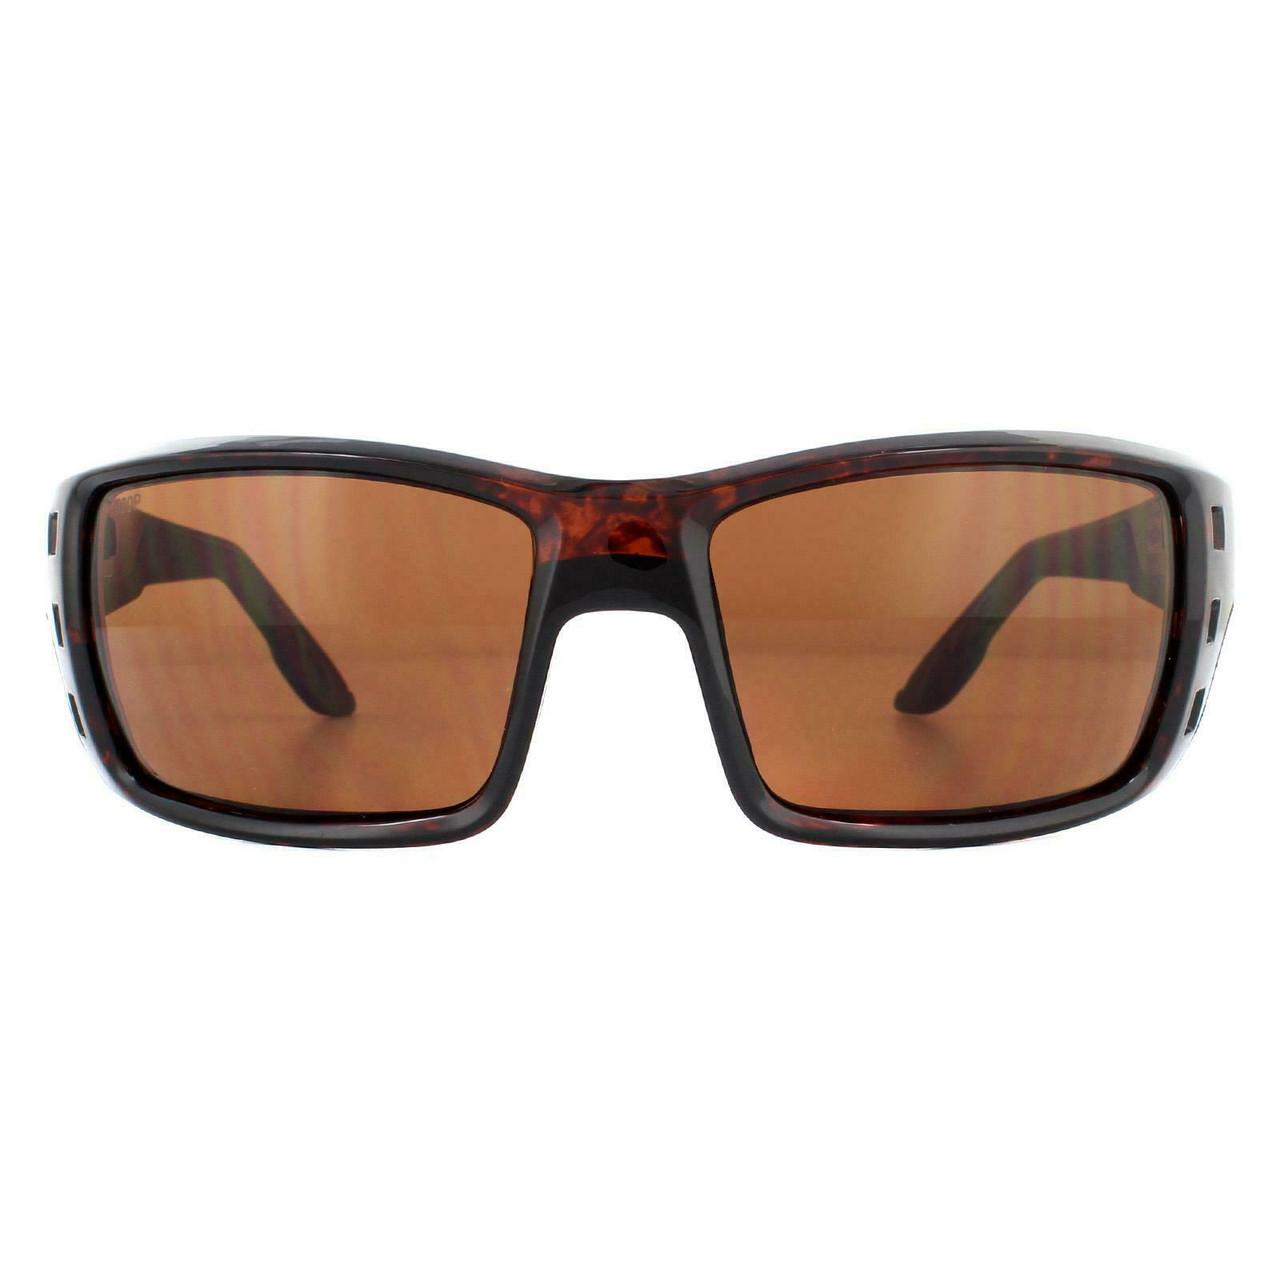 Costa Del Mar Permit Wrap Polarize Sunglasses Tortoise Brown Gold/Copper 580P 63mm